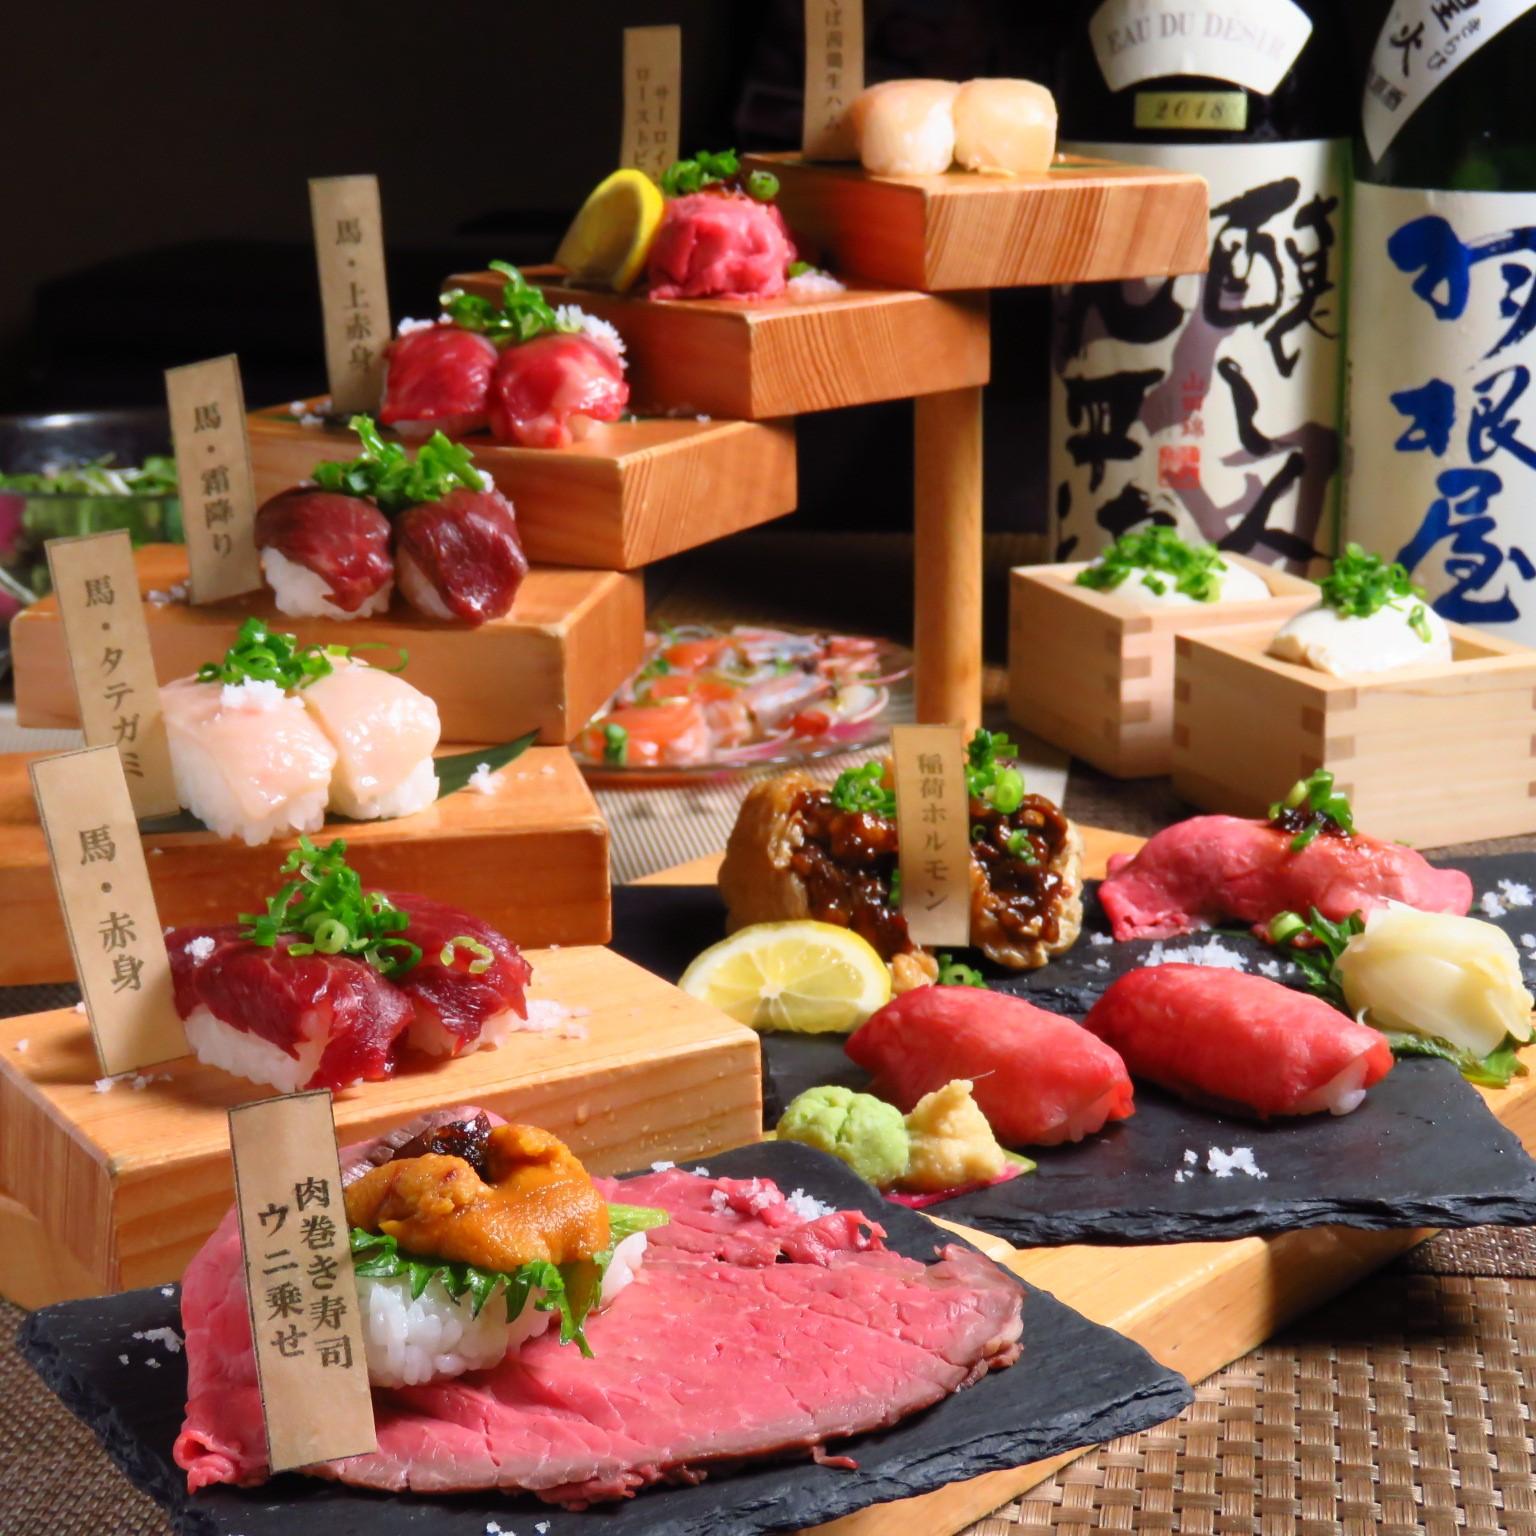 【親】へのギフトにぜひ! 感謝を込めてお寿司の食事券をプレゼント・愛知編